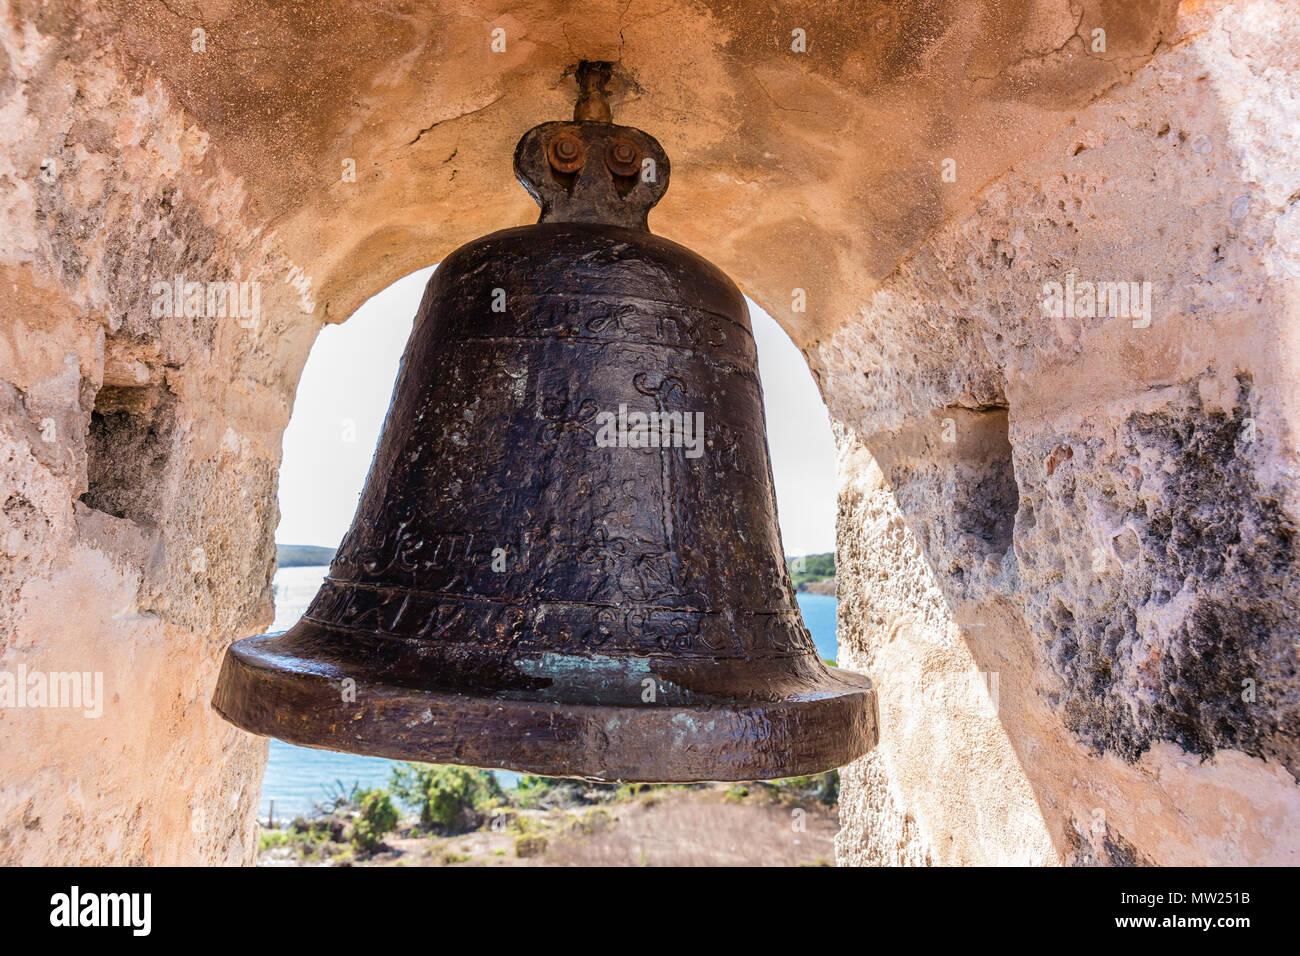 L'alarme au Castillo de Jagua fort, érigé en 1742 par le roi Philippe V d'Espagne, près de Cienfuegos, Cuba. Banque D'Images